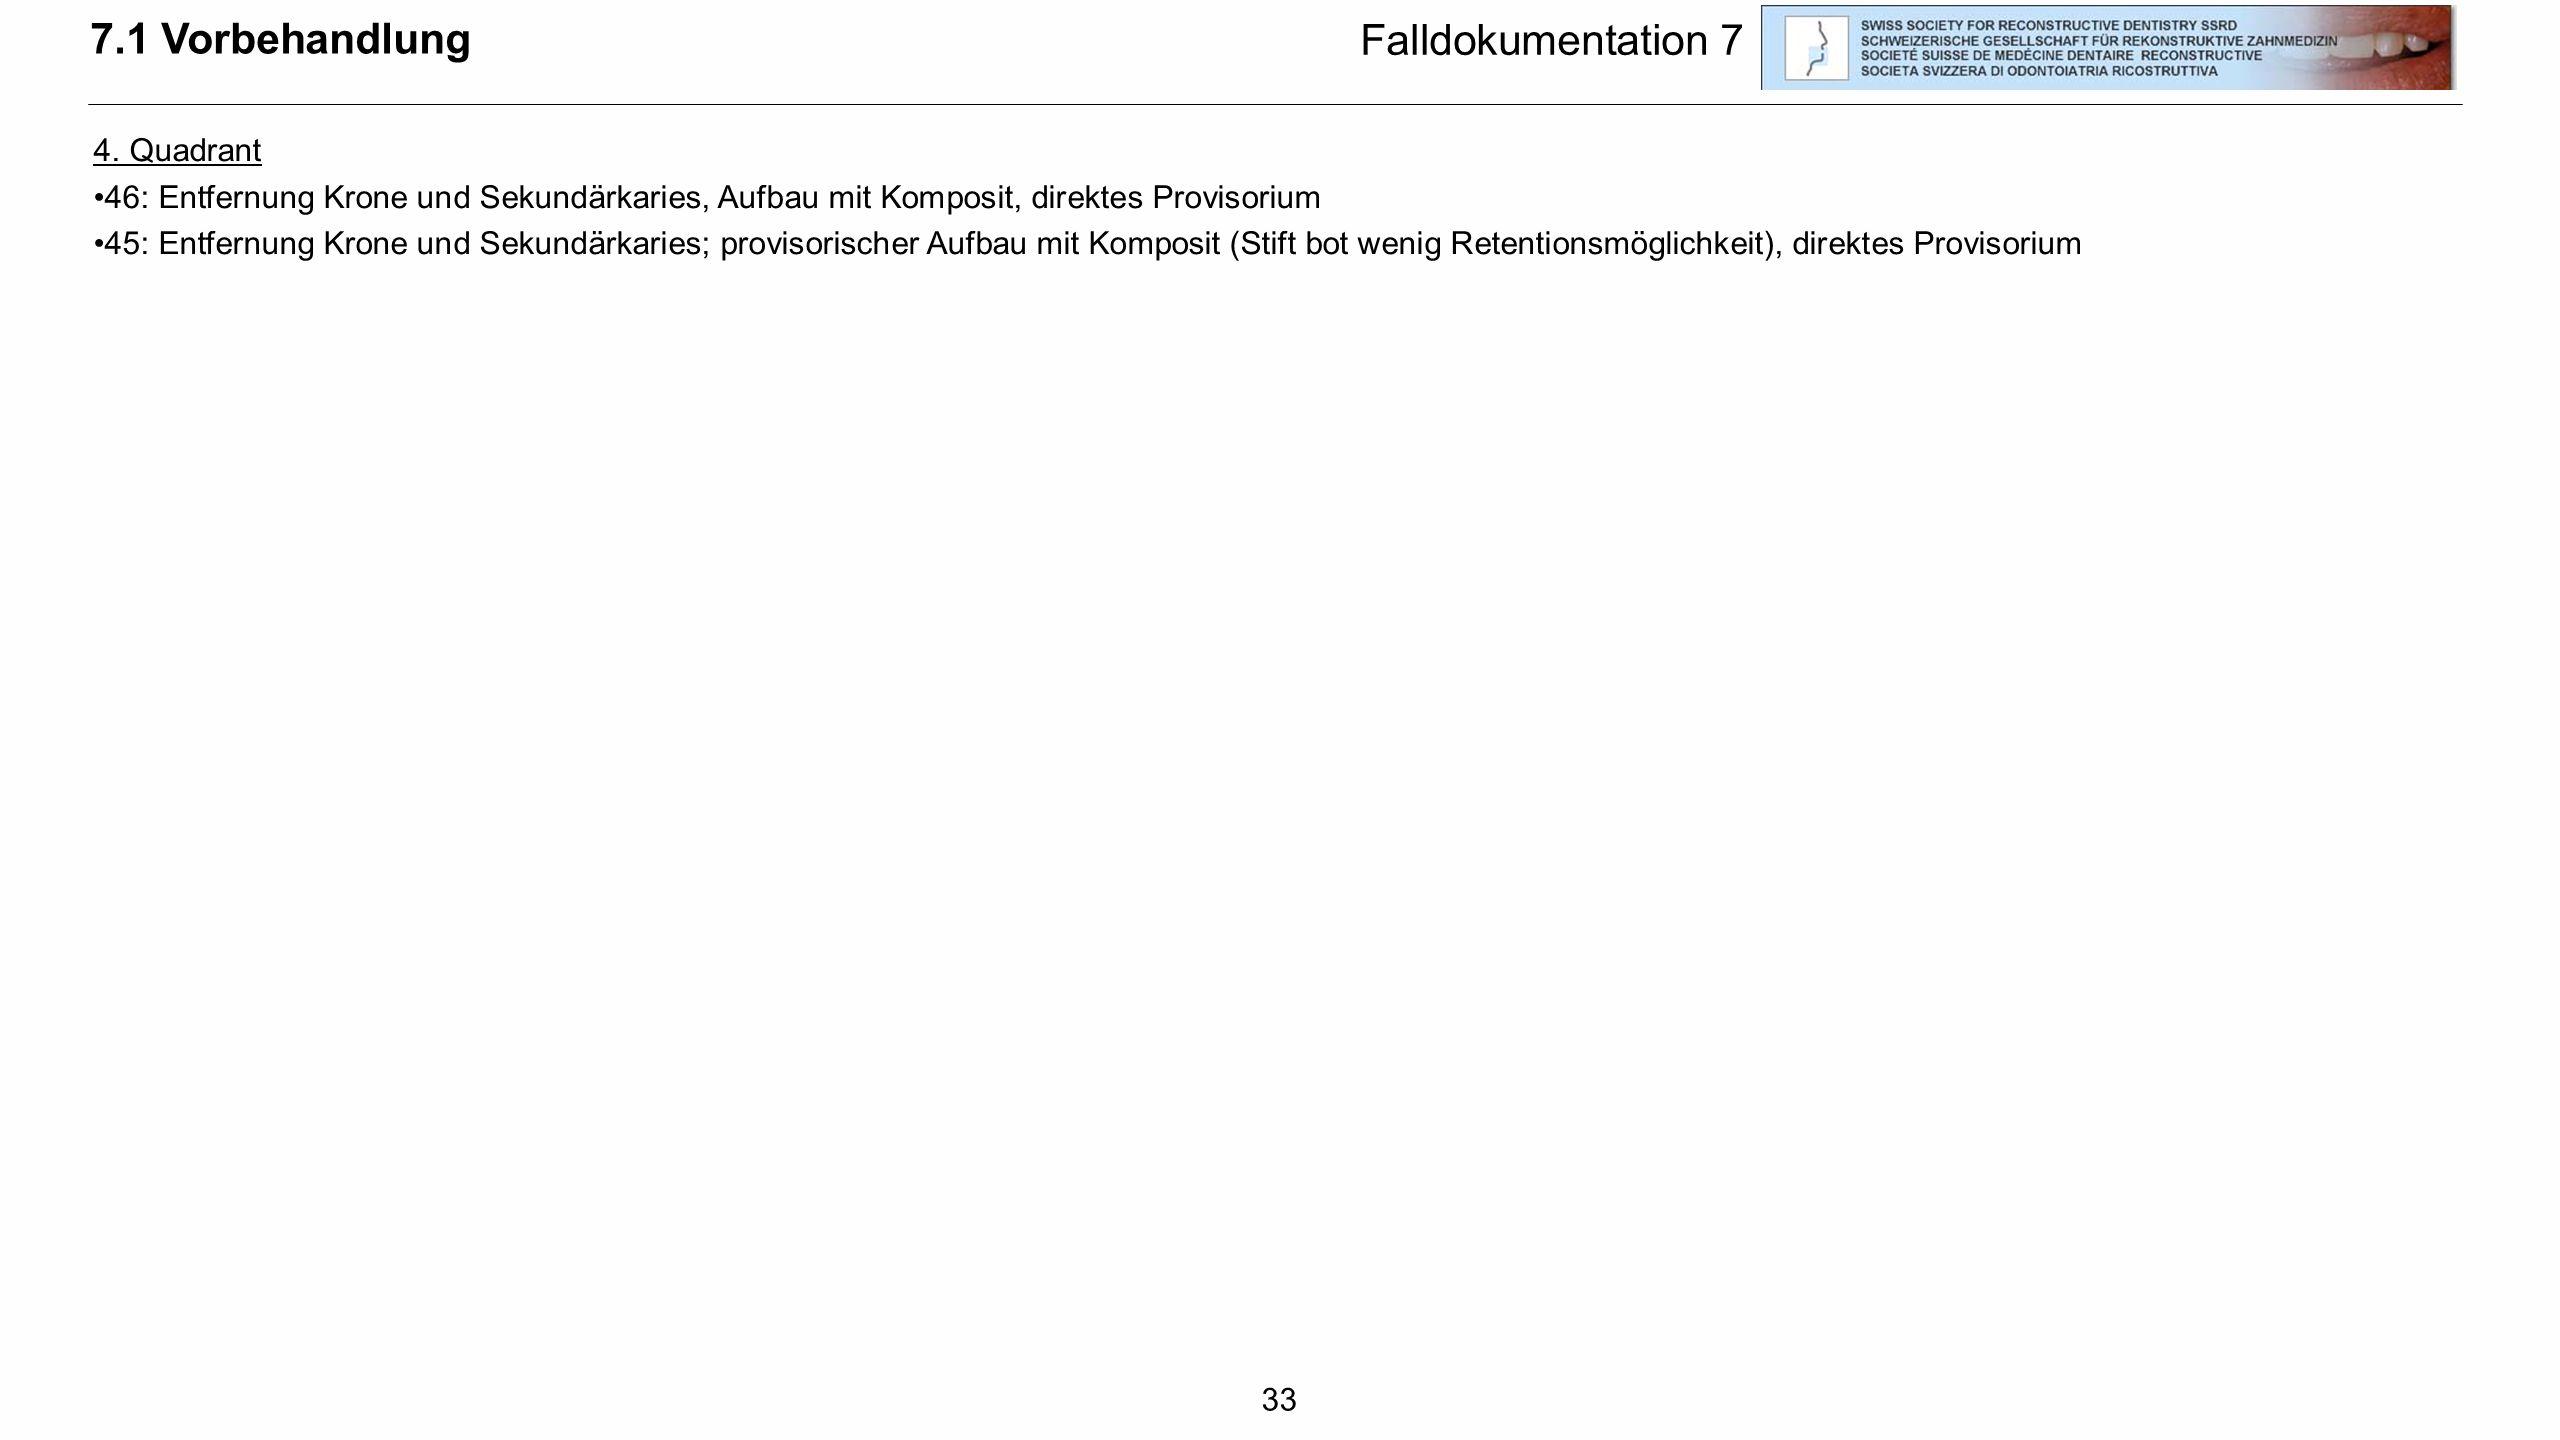 33 7.1 Vorbehandlung Falldokumentation 7 4. Quadrant 46: Entfernung Krone und Sekundärkaries, Aufbau mit Komposit, direktes Provisorium 45: Entfernung